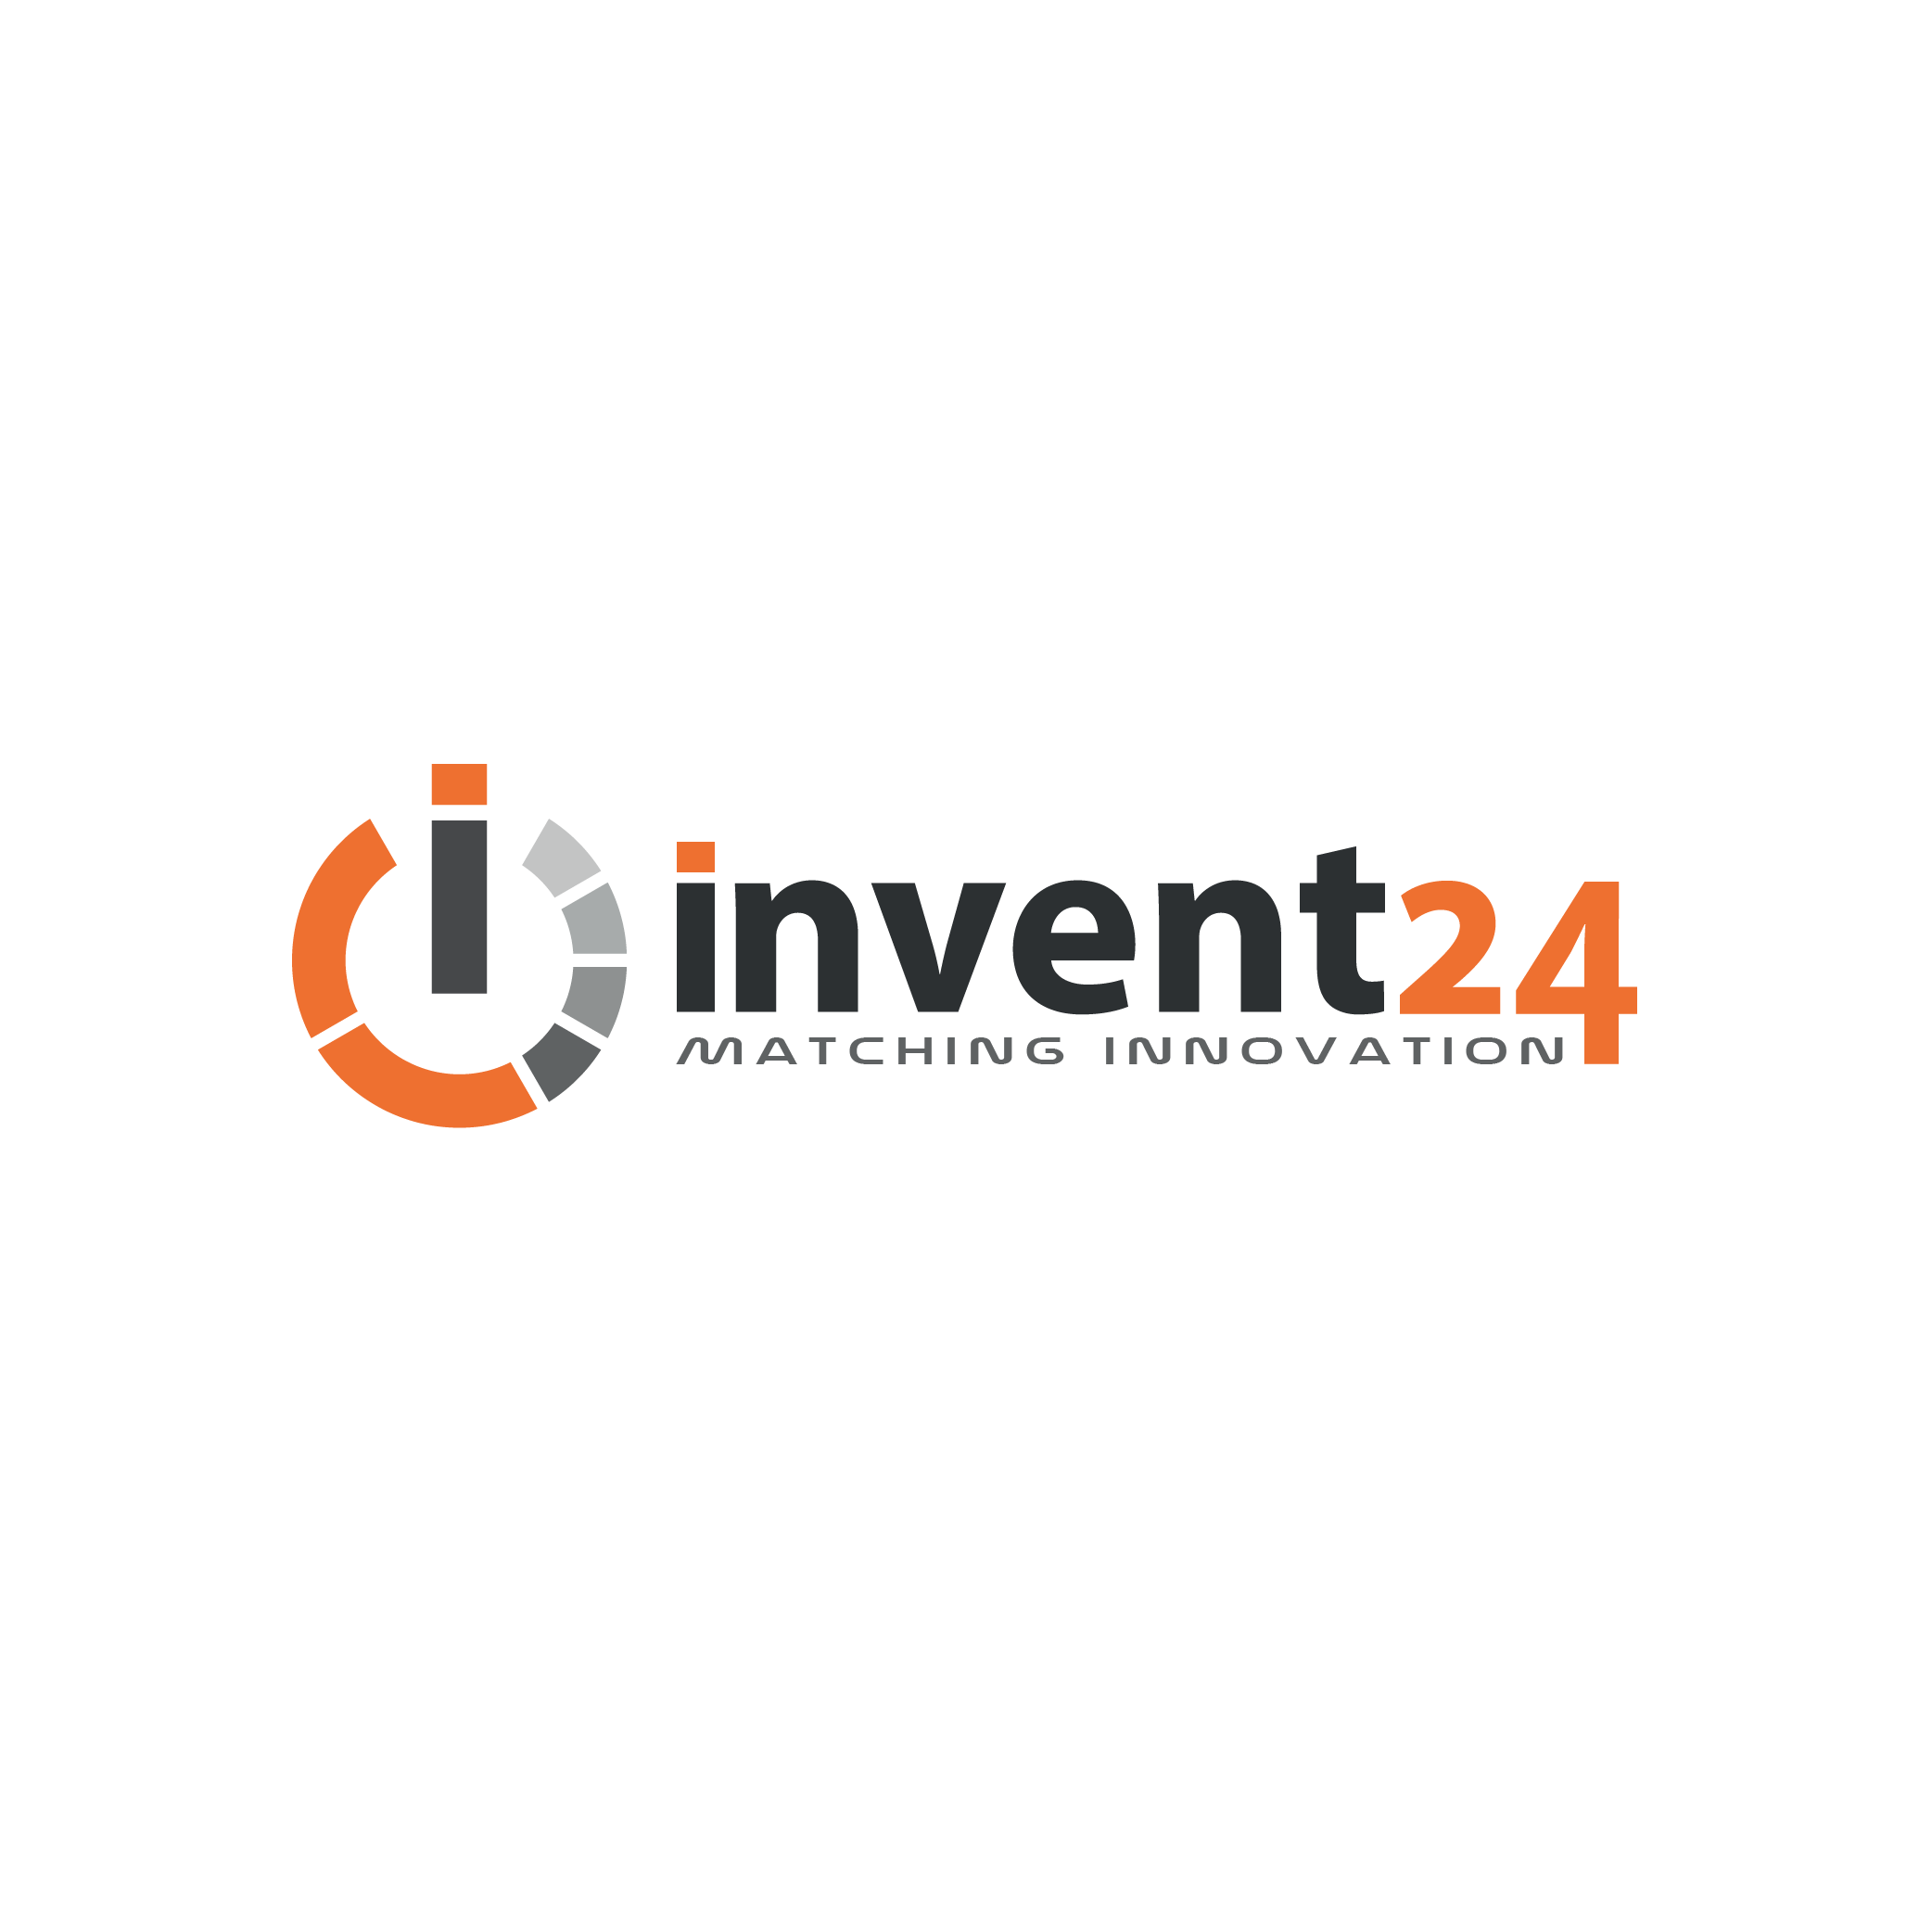 Invent24